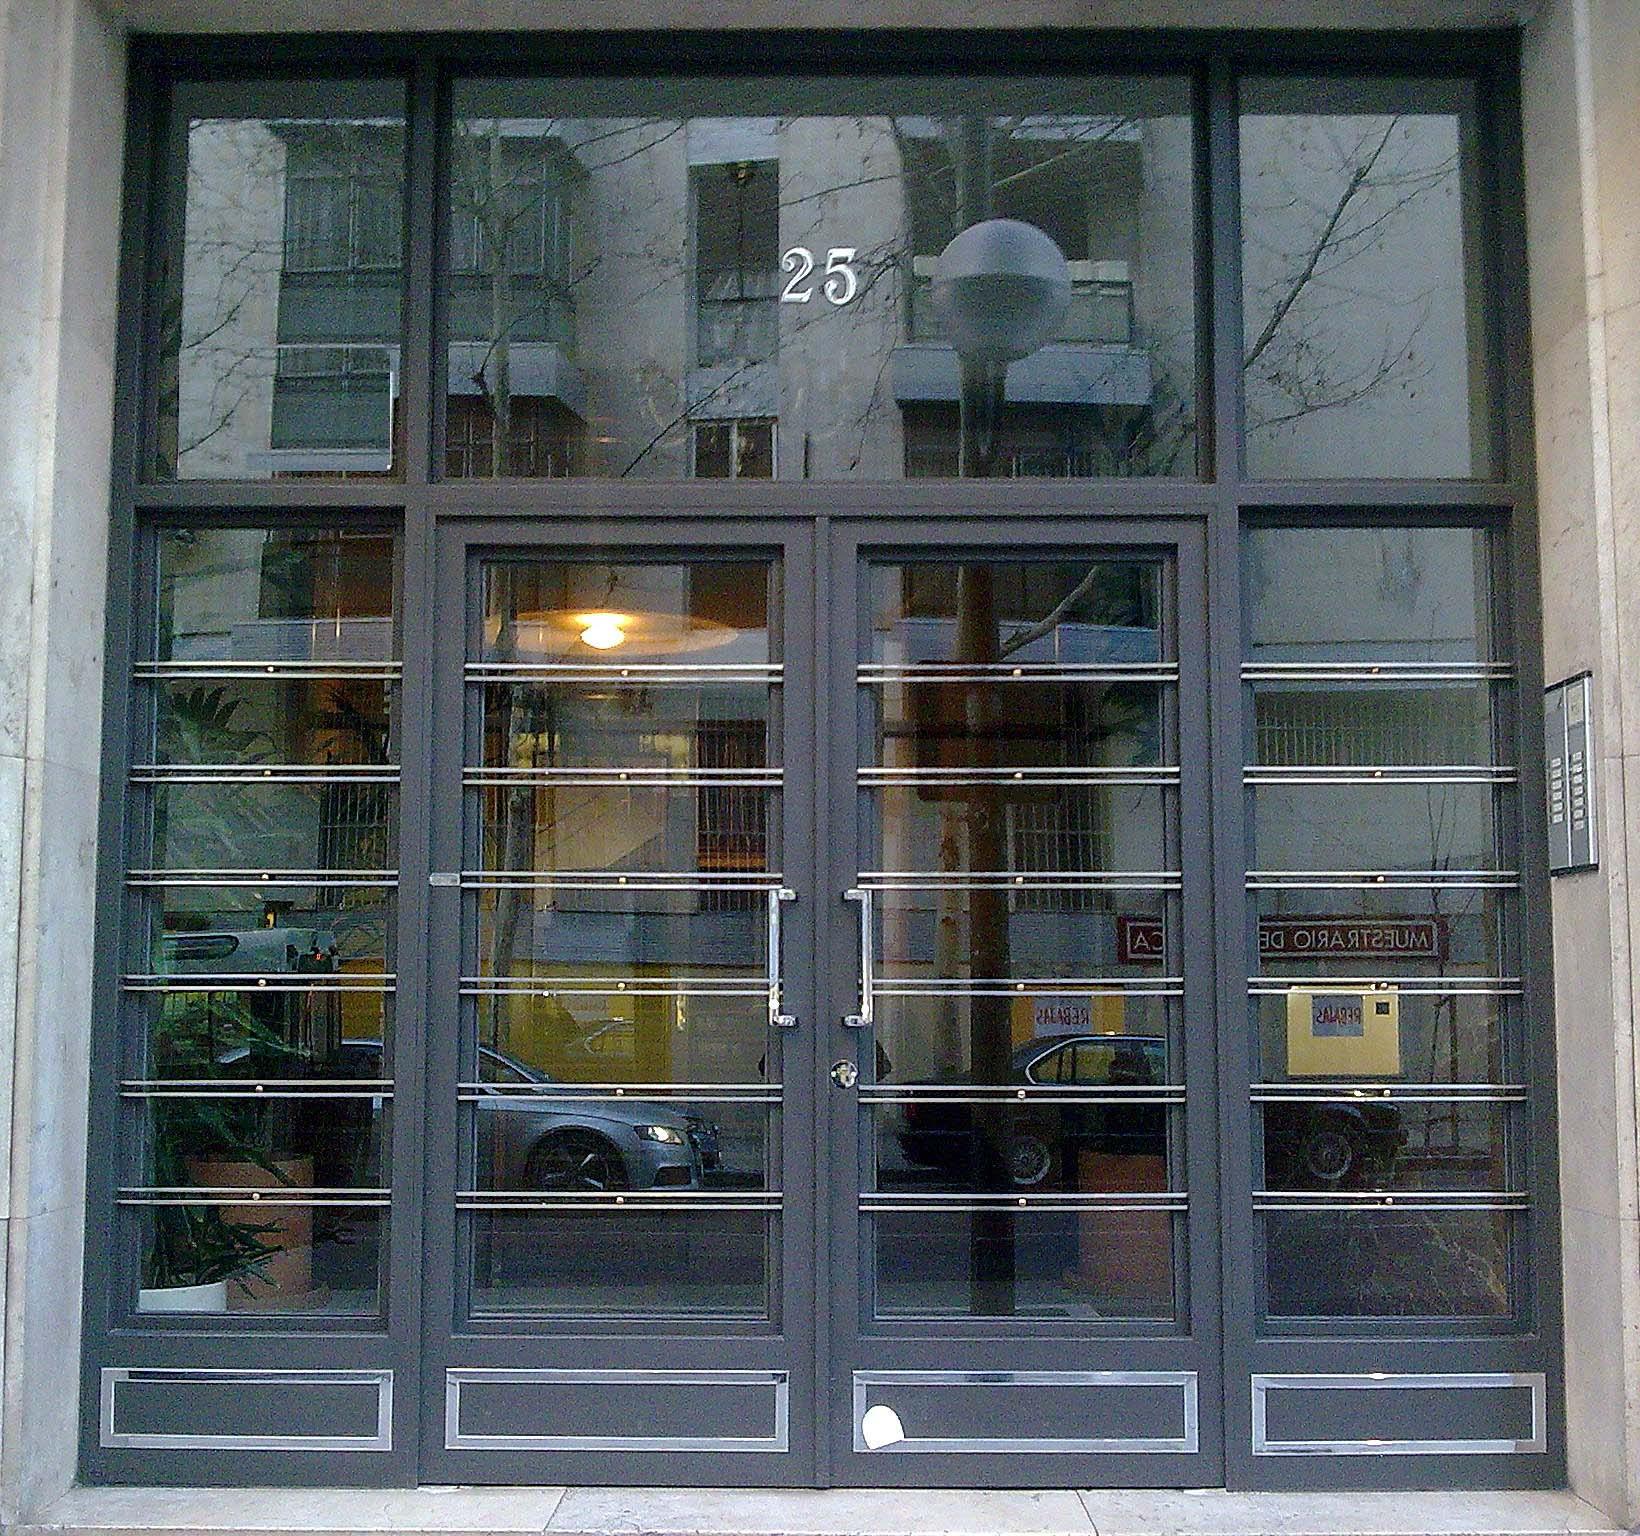 Puertas de hierro portales de forja decorativos for Precio de puertas de forja